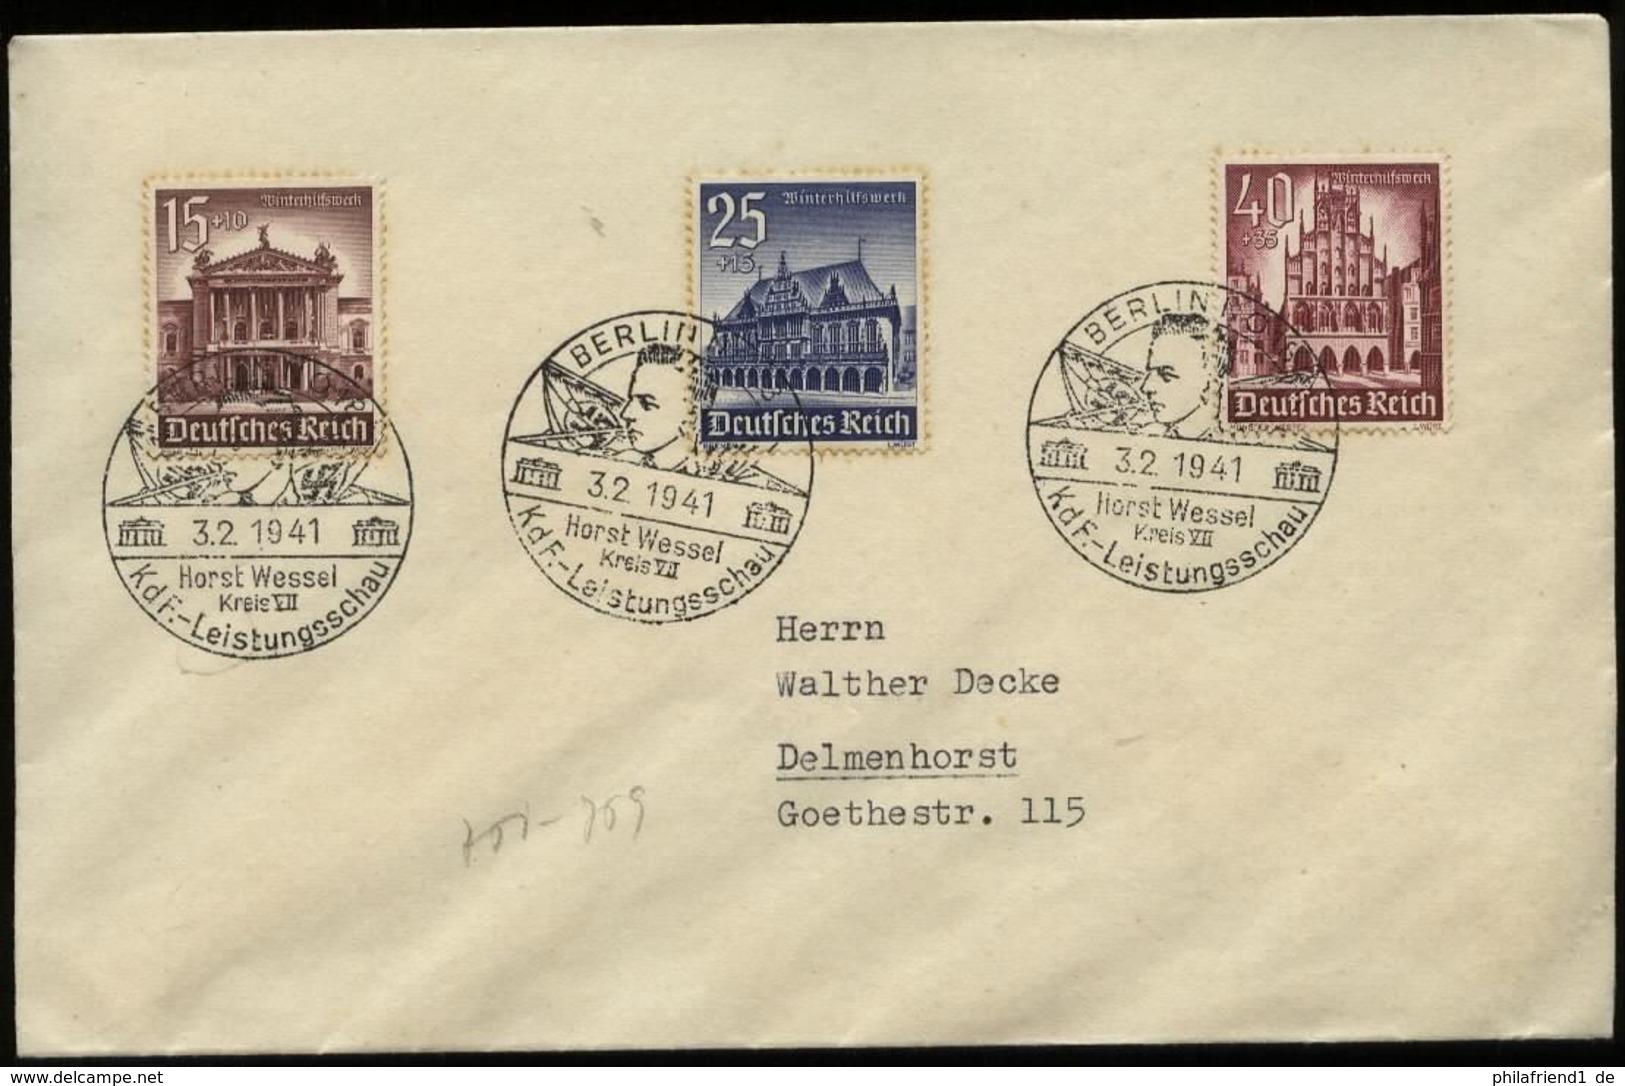 P0128 - DR Propaganda WHW Auf Briefumschlag : Gebraucht Mit KdF Sonderstempel Horst Wessel Berlin 1941 - Duitsland